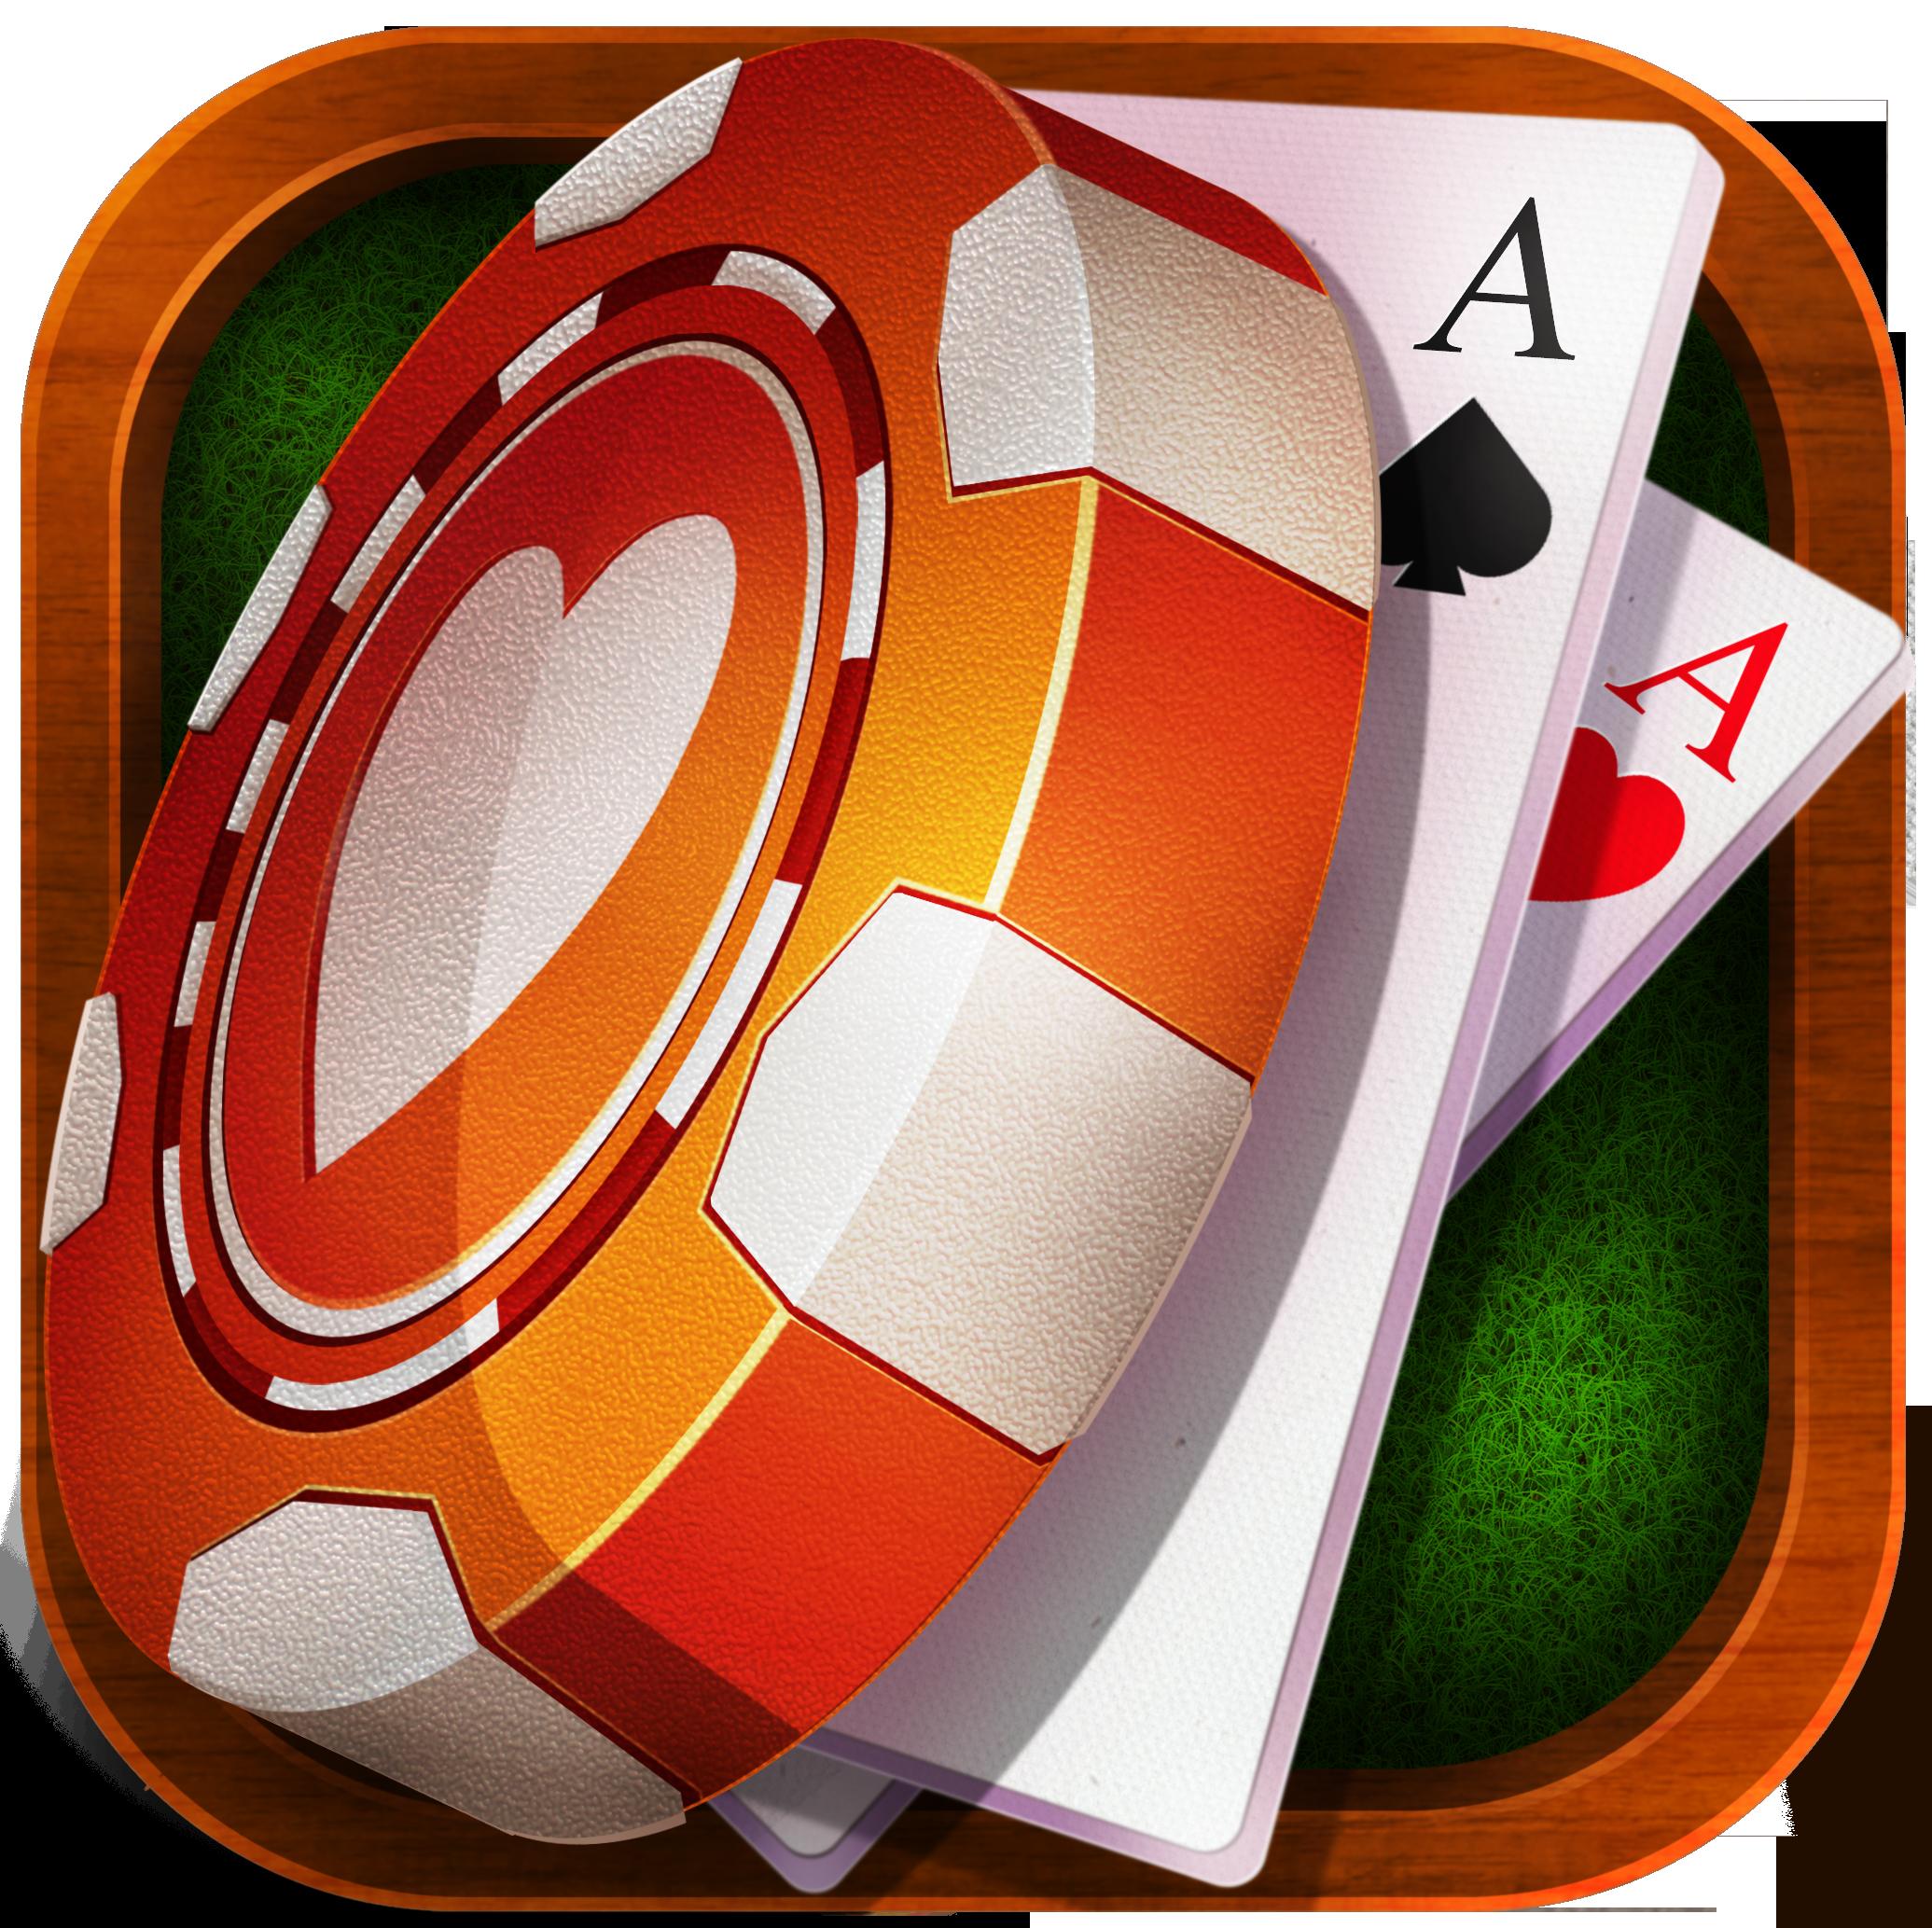 Poker Game Icon Poker games, Gambling tattoo, Game icon